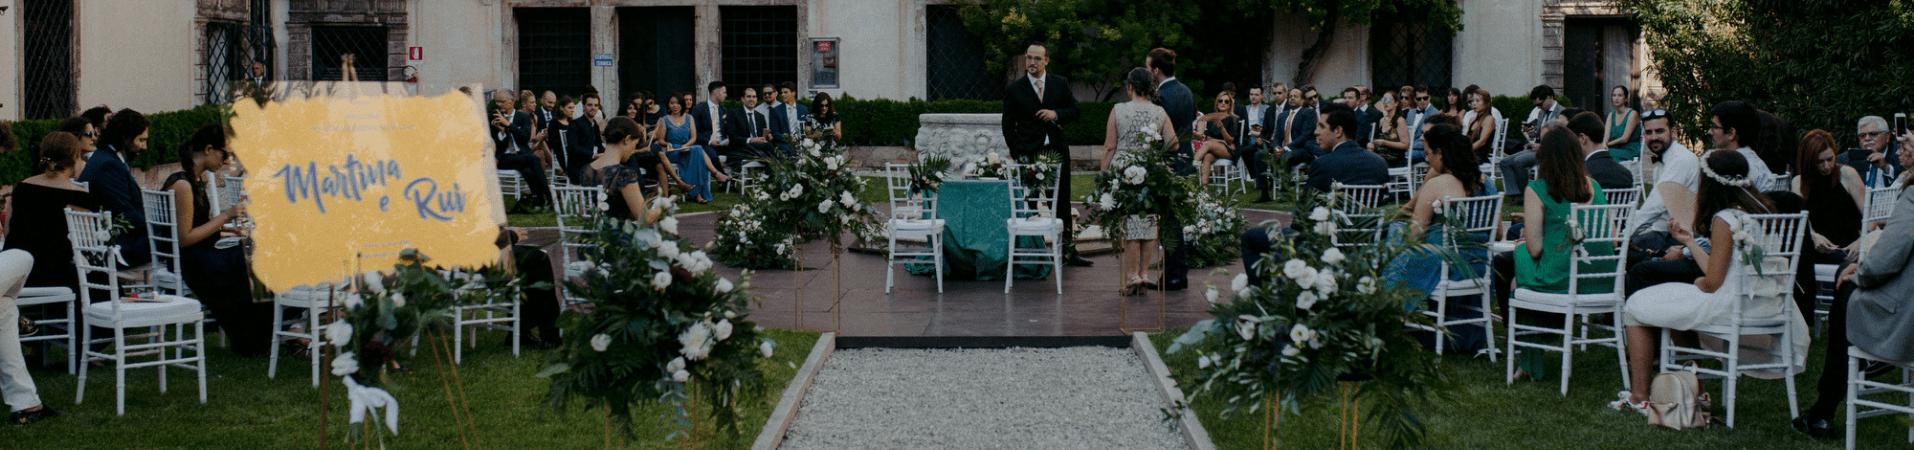 cerimonia comune venezia